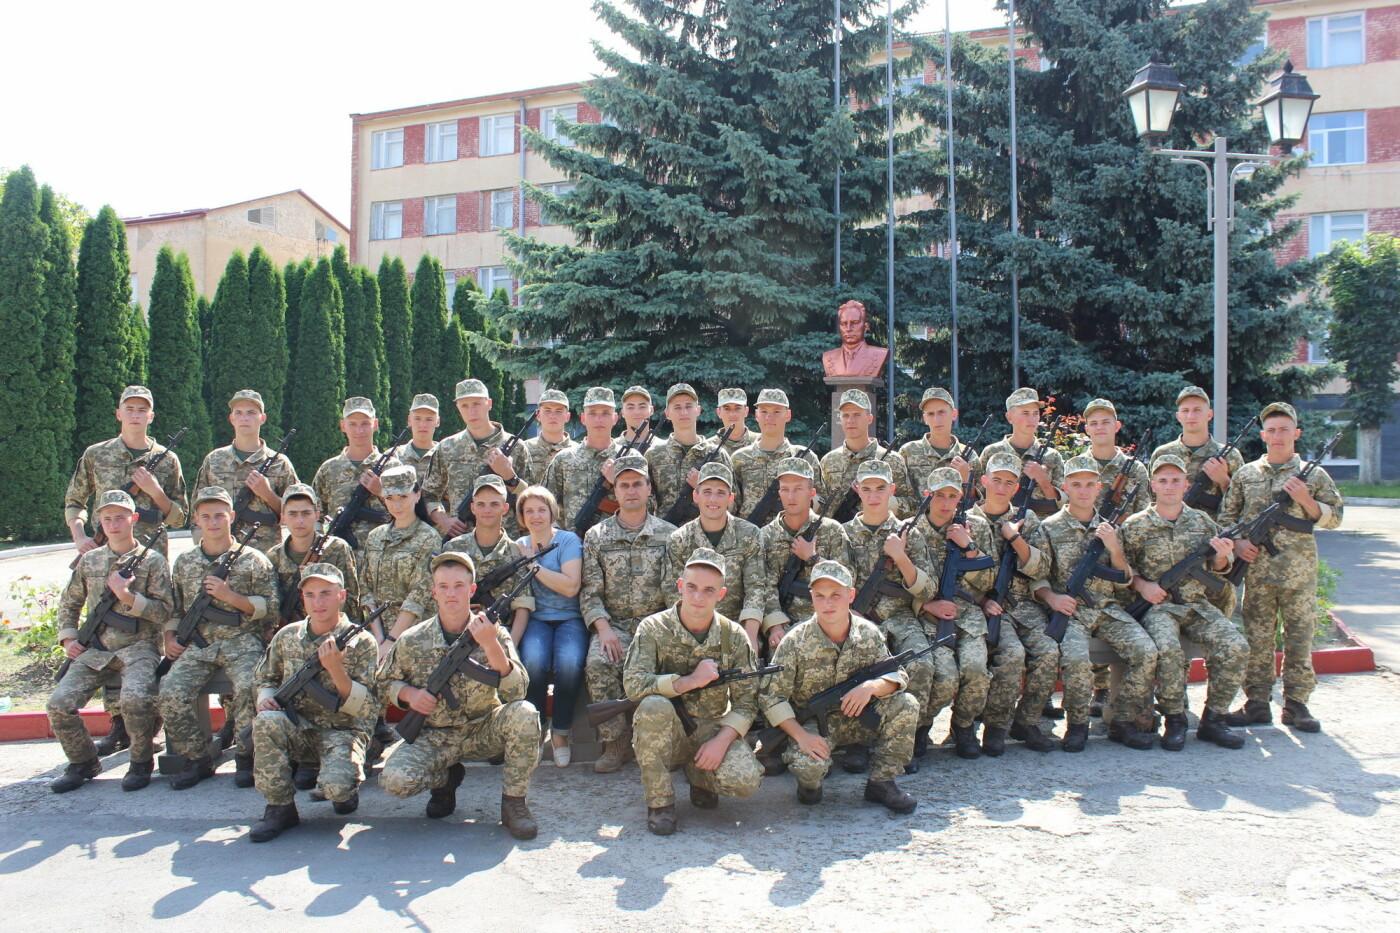 У Кам'янці 240 військовослужбовців склали присягу, фото-16, Фото: Olha Povorozniuk